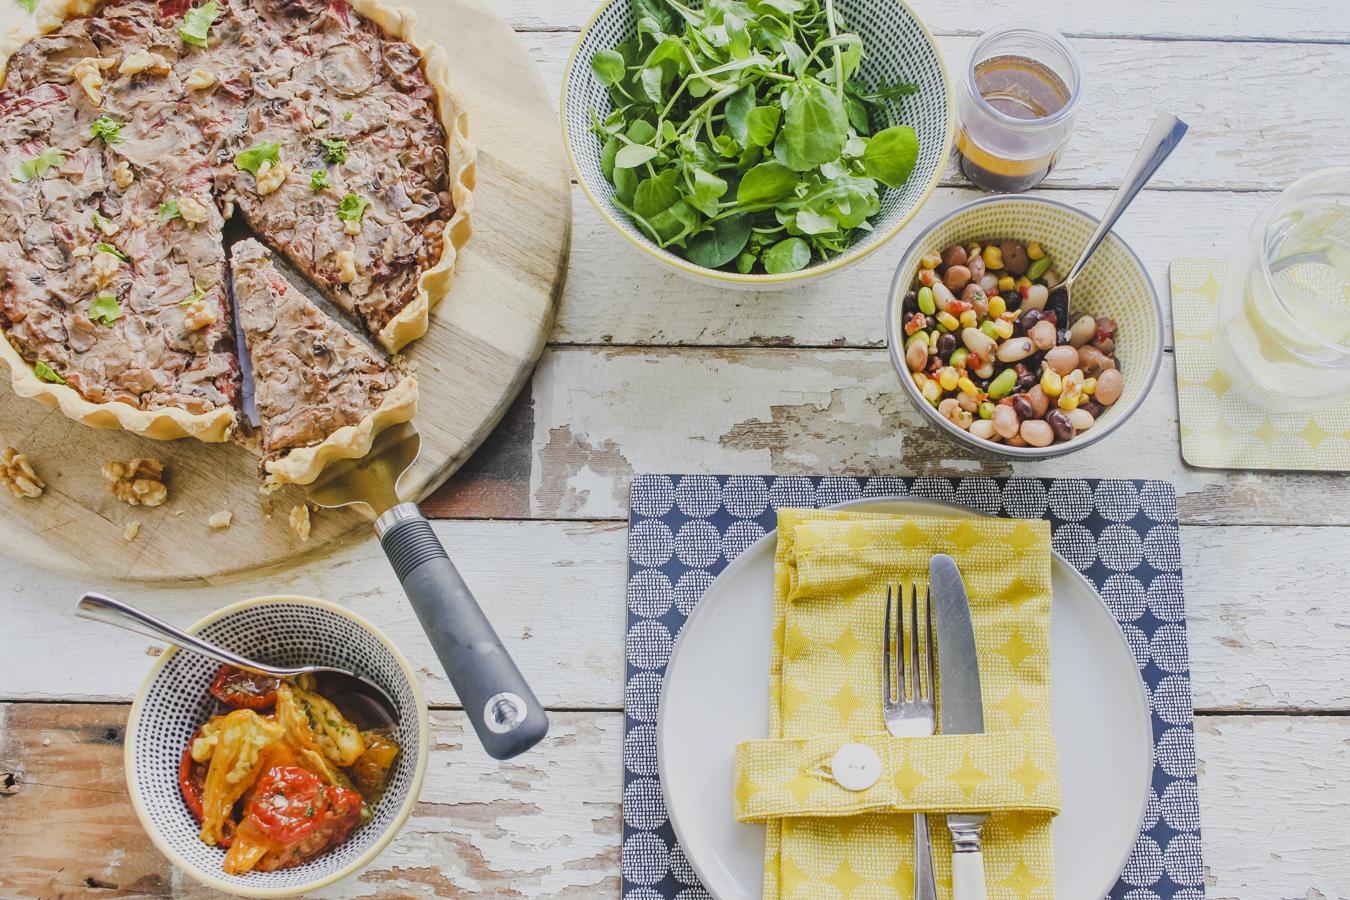 Vegan Mushroom, Pepper and Walnut Tart on feedingboys.co.uk